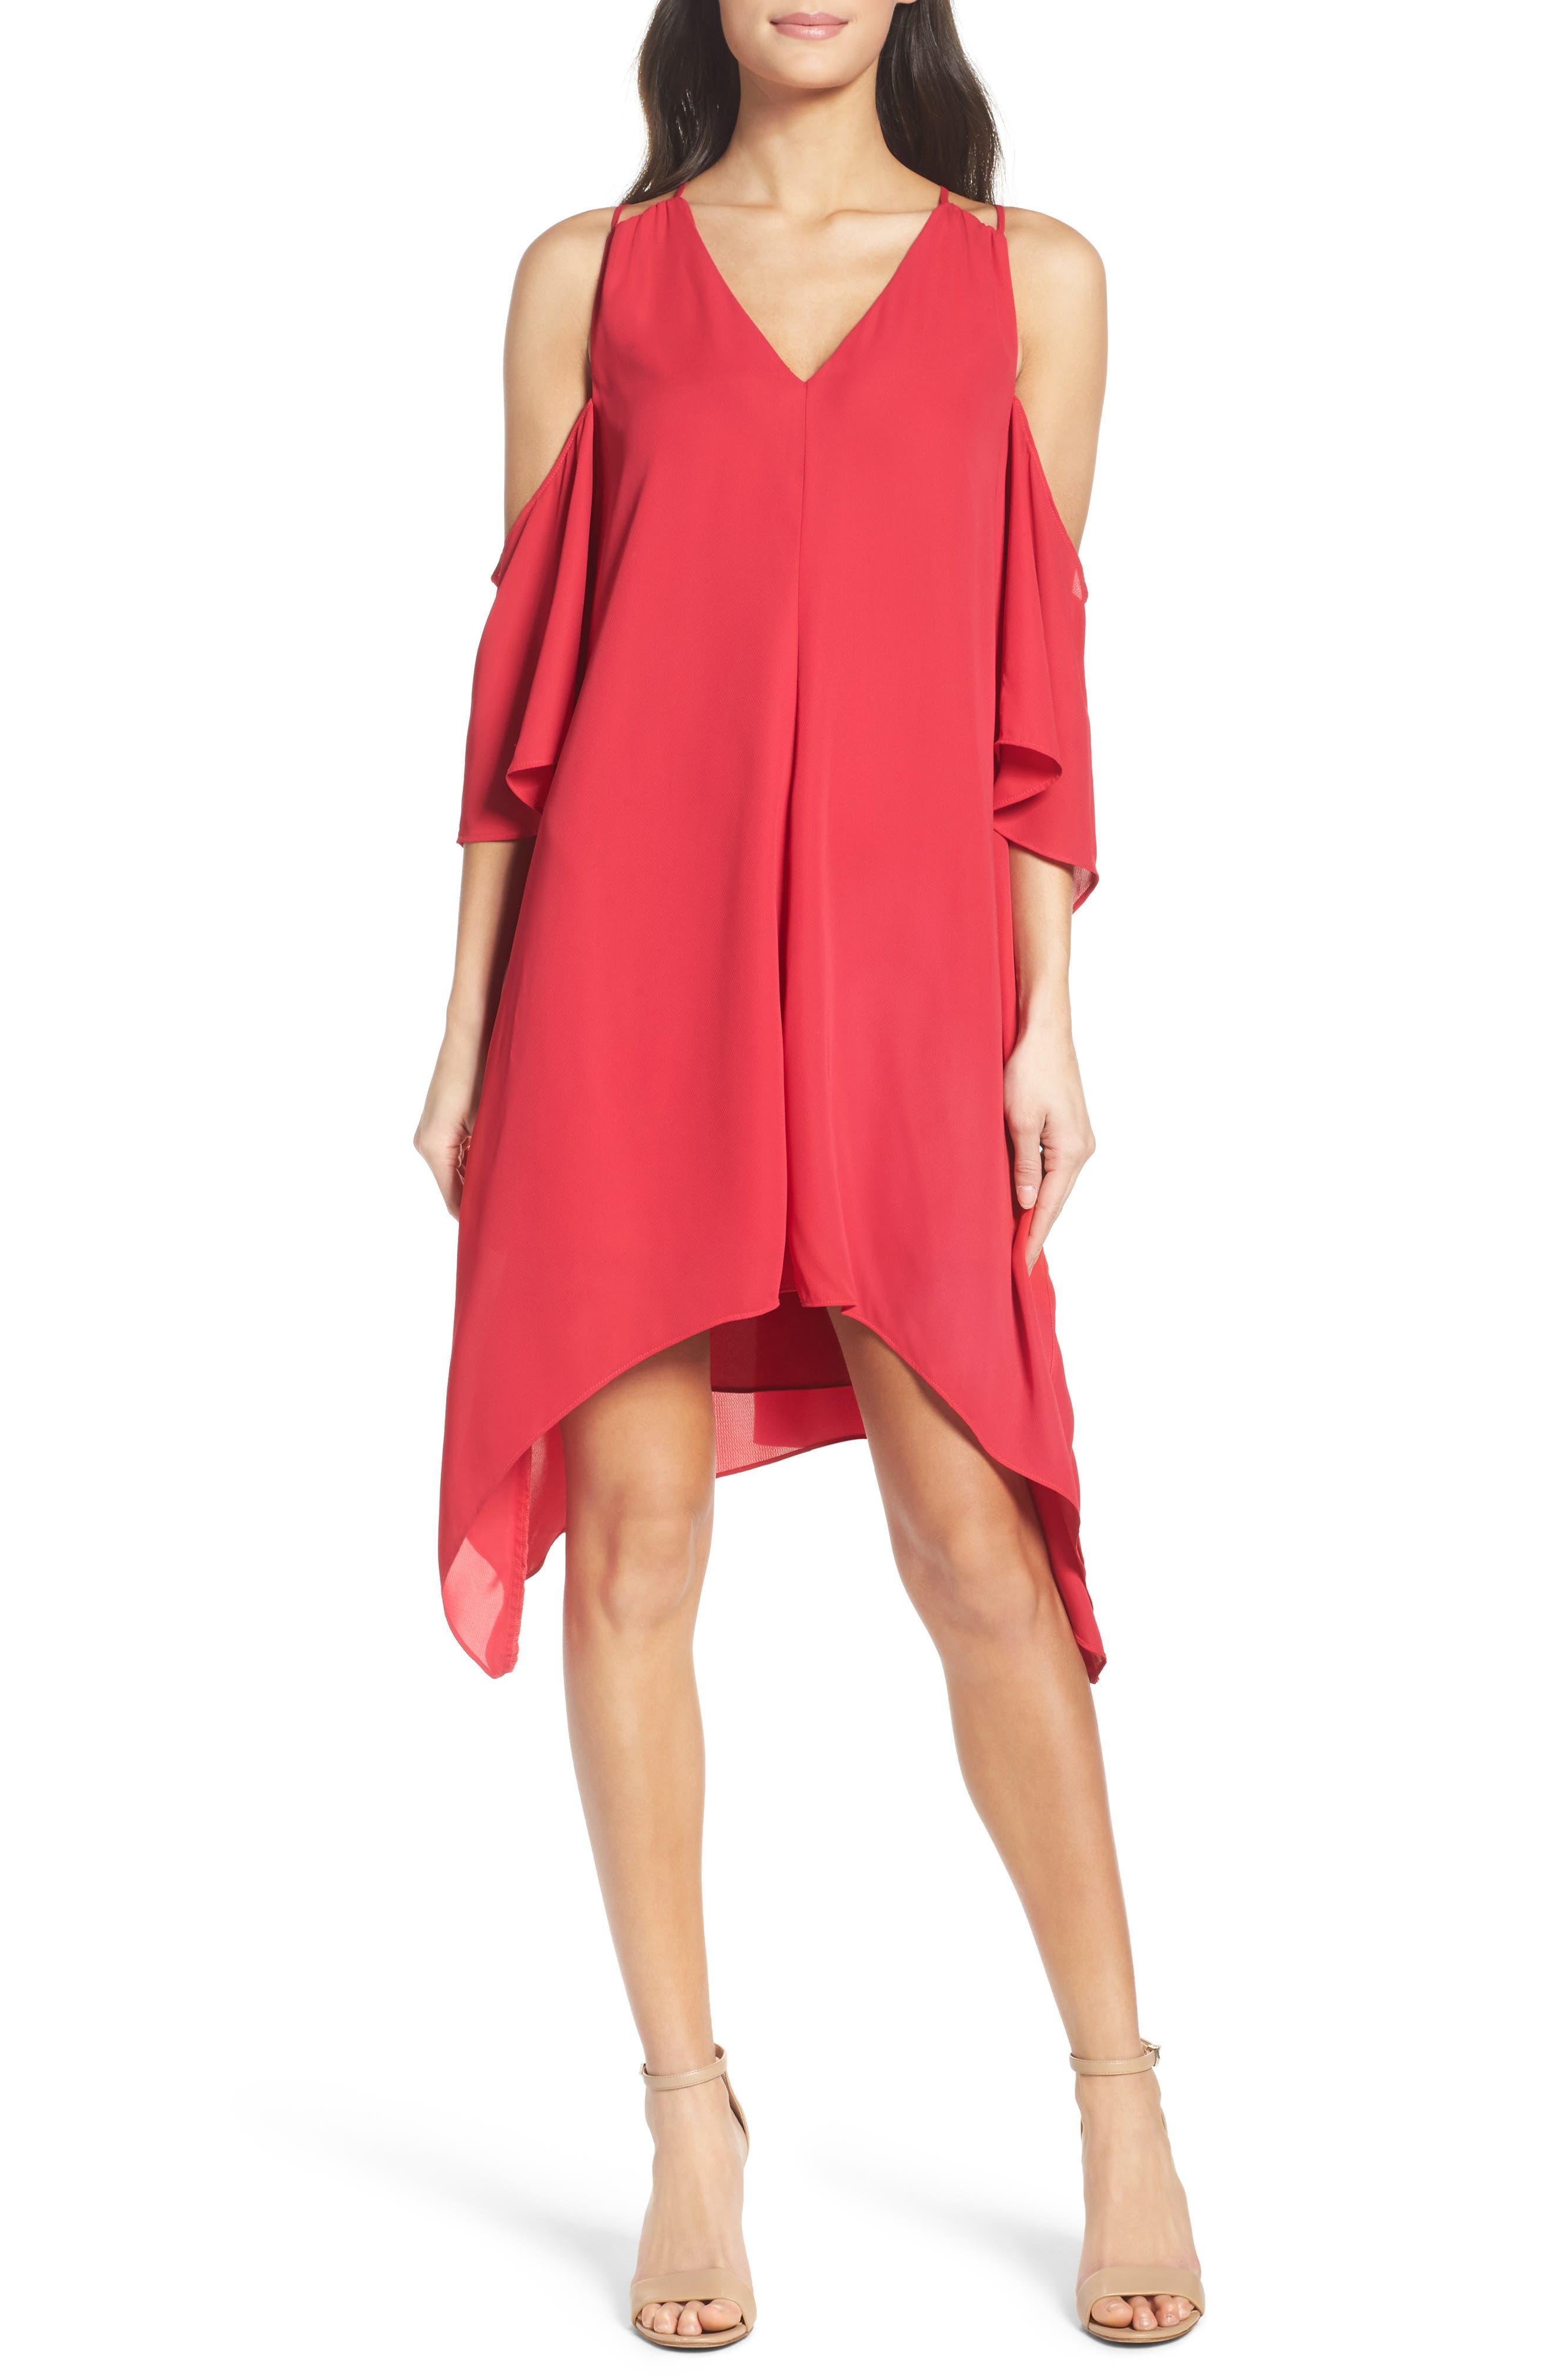 Alternate Image 1 Selected - Adelyn Rae Fiona Cold Shoulder Shift Dress